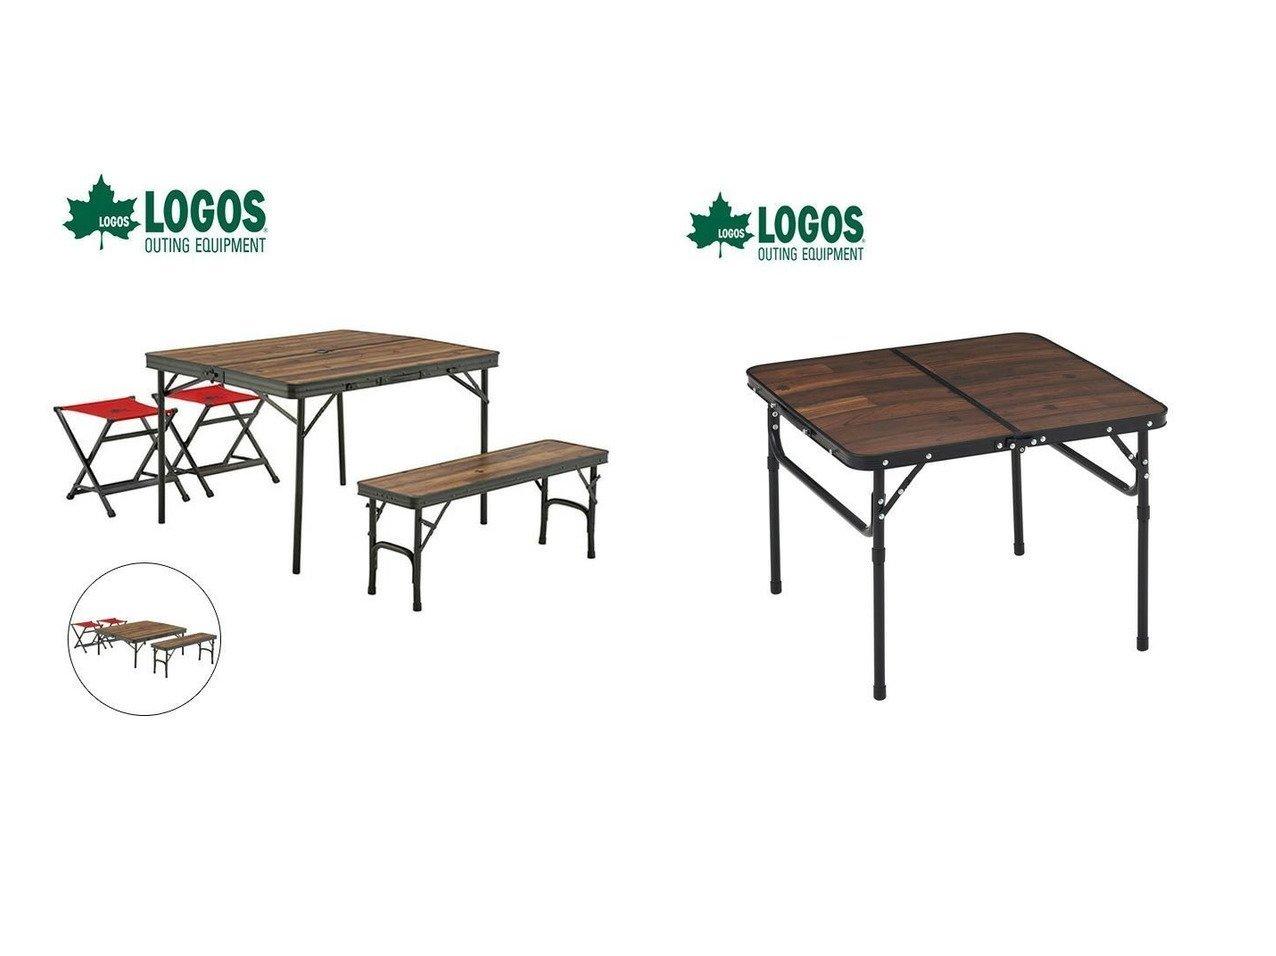 【LOGOS/ロゴス】のTracksleeper ベンチ&チェアテーブルセット4&Tracksleeper テーブル6060 おすすめ!人気キャンプ・アウトドア用品の通販 おすすめで人気の流行・トレンド、ファッションの通販商品 インテリア・家具・メンズファッション・キッズファッション・レディースファッション・服の通販 founy(ファニー) https://founy.com/ コーティング テーブル フレーム プリント ホーム・キャンプ・アウトドア Home,Garden,Outdoor,Camping Gear キャンプ用品・アウトドア  Camping Gear & Outdoor Supplies チェア テーブル Camp Chairs, Camping Tables  ID:crp329100000041562